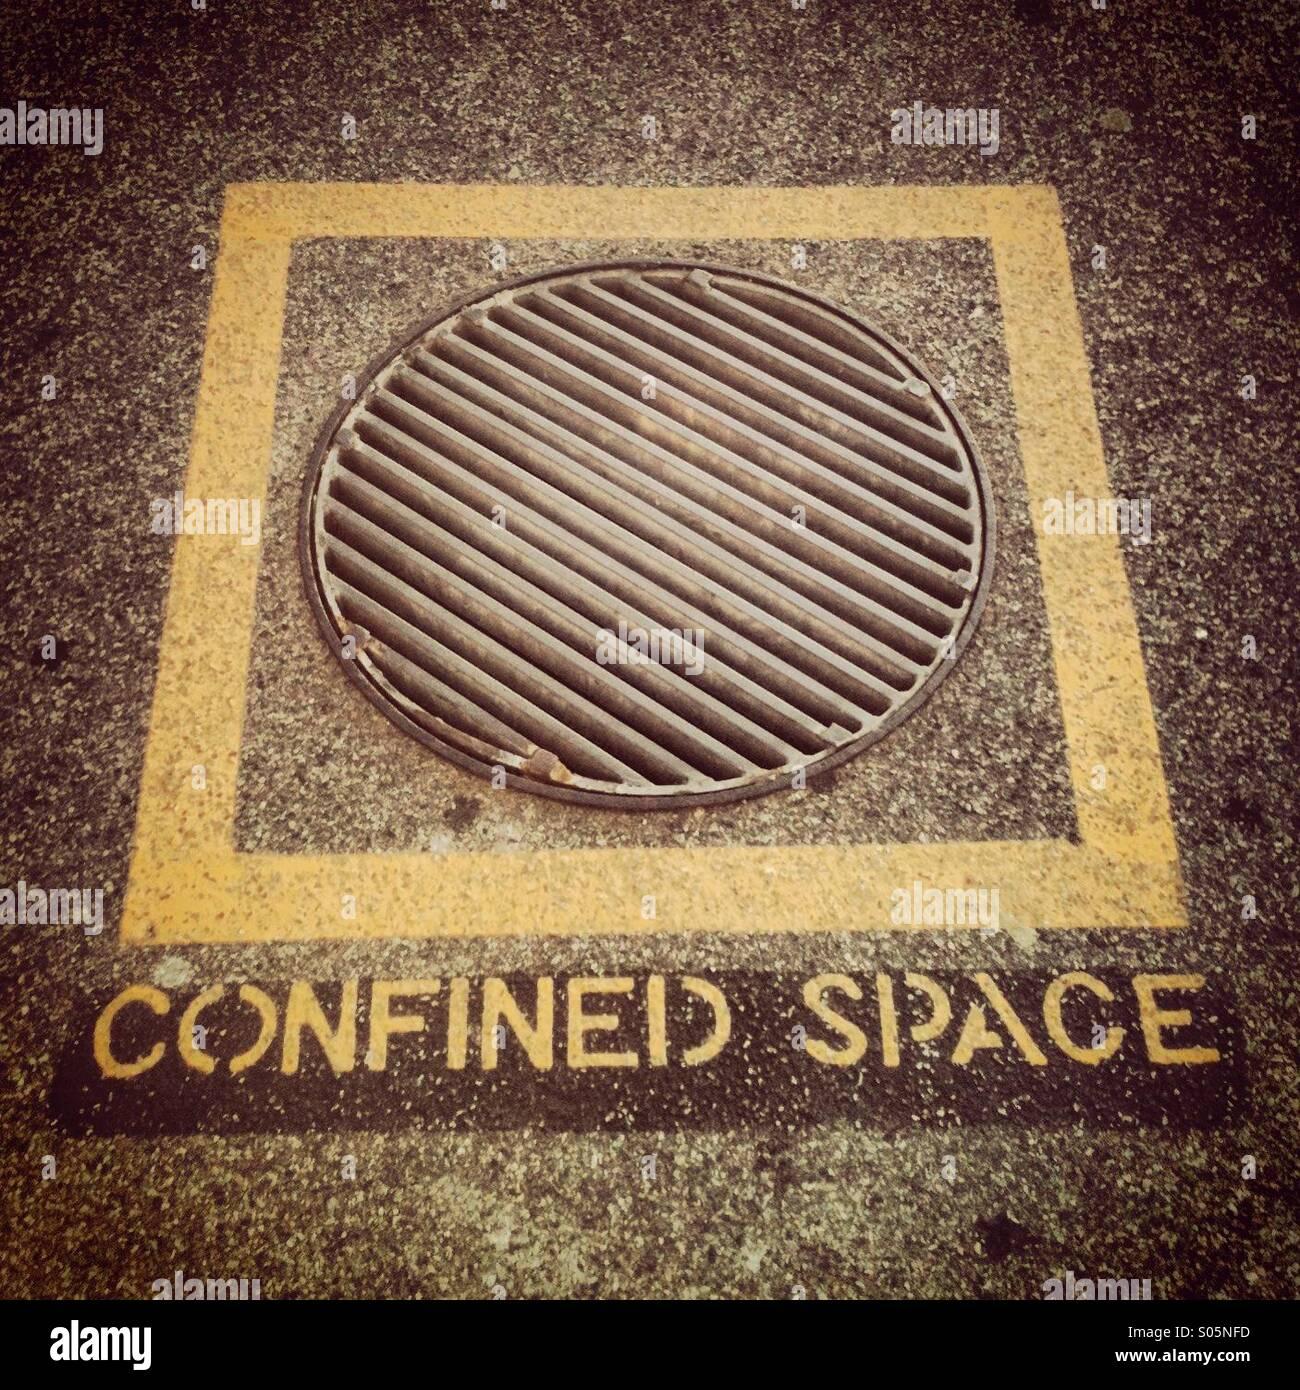 Espacio confinado estampadas en el piso debajo de un cuadrado amarillo y tapa de desagüe Imagen De Stock